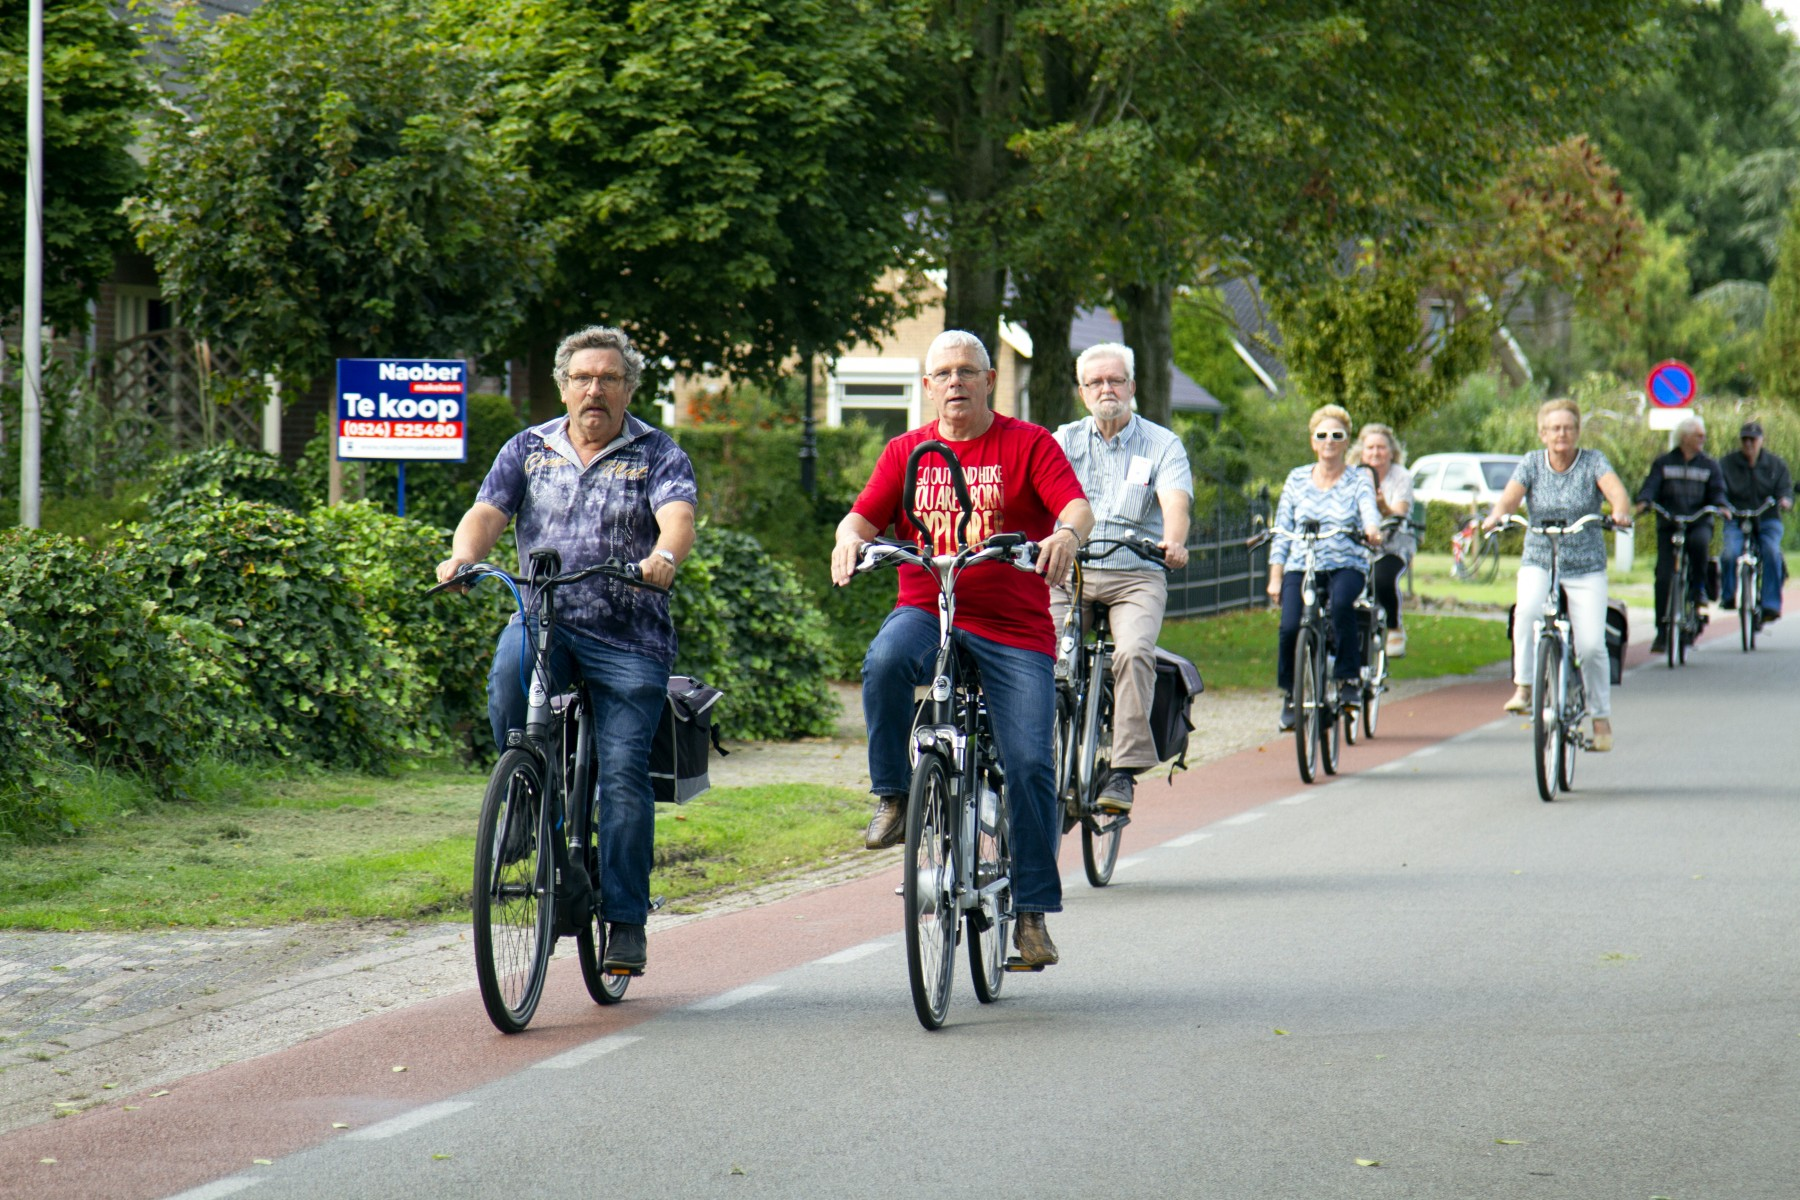 Foto van fietsers die meedoen aan kleintje fiets4daagse, ergens onderweg.